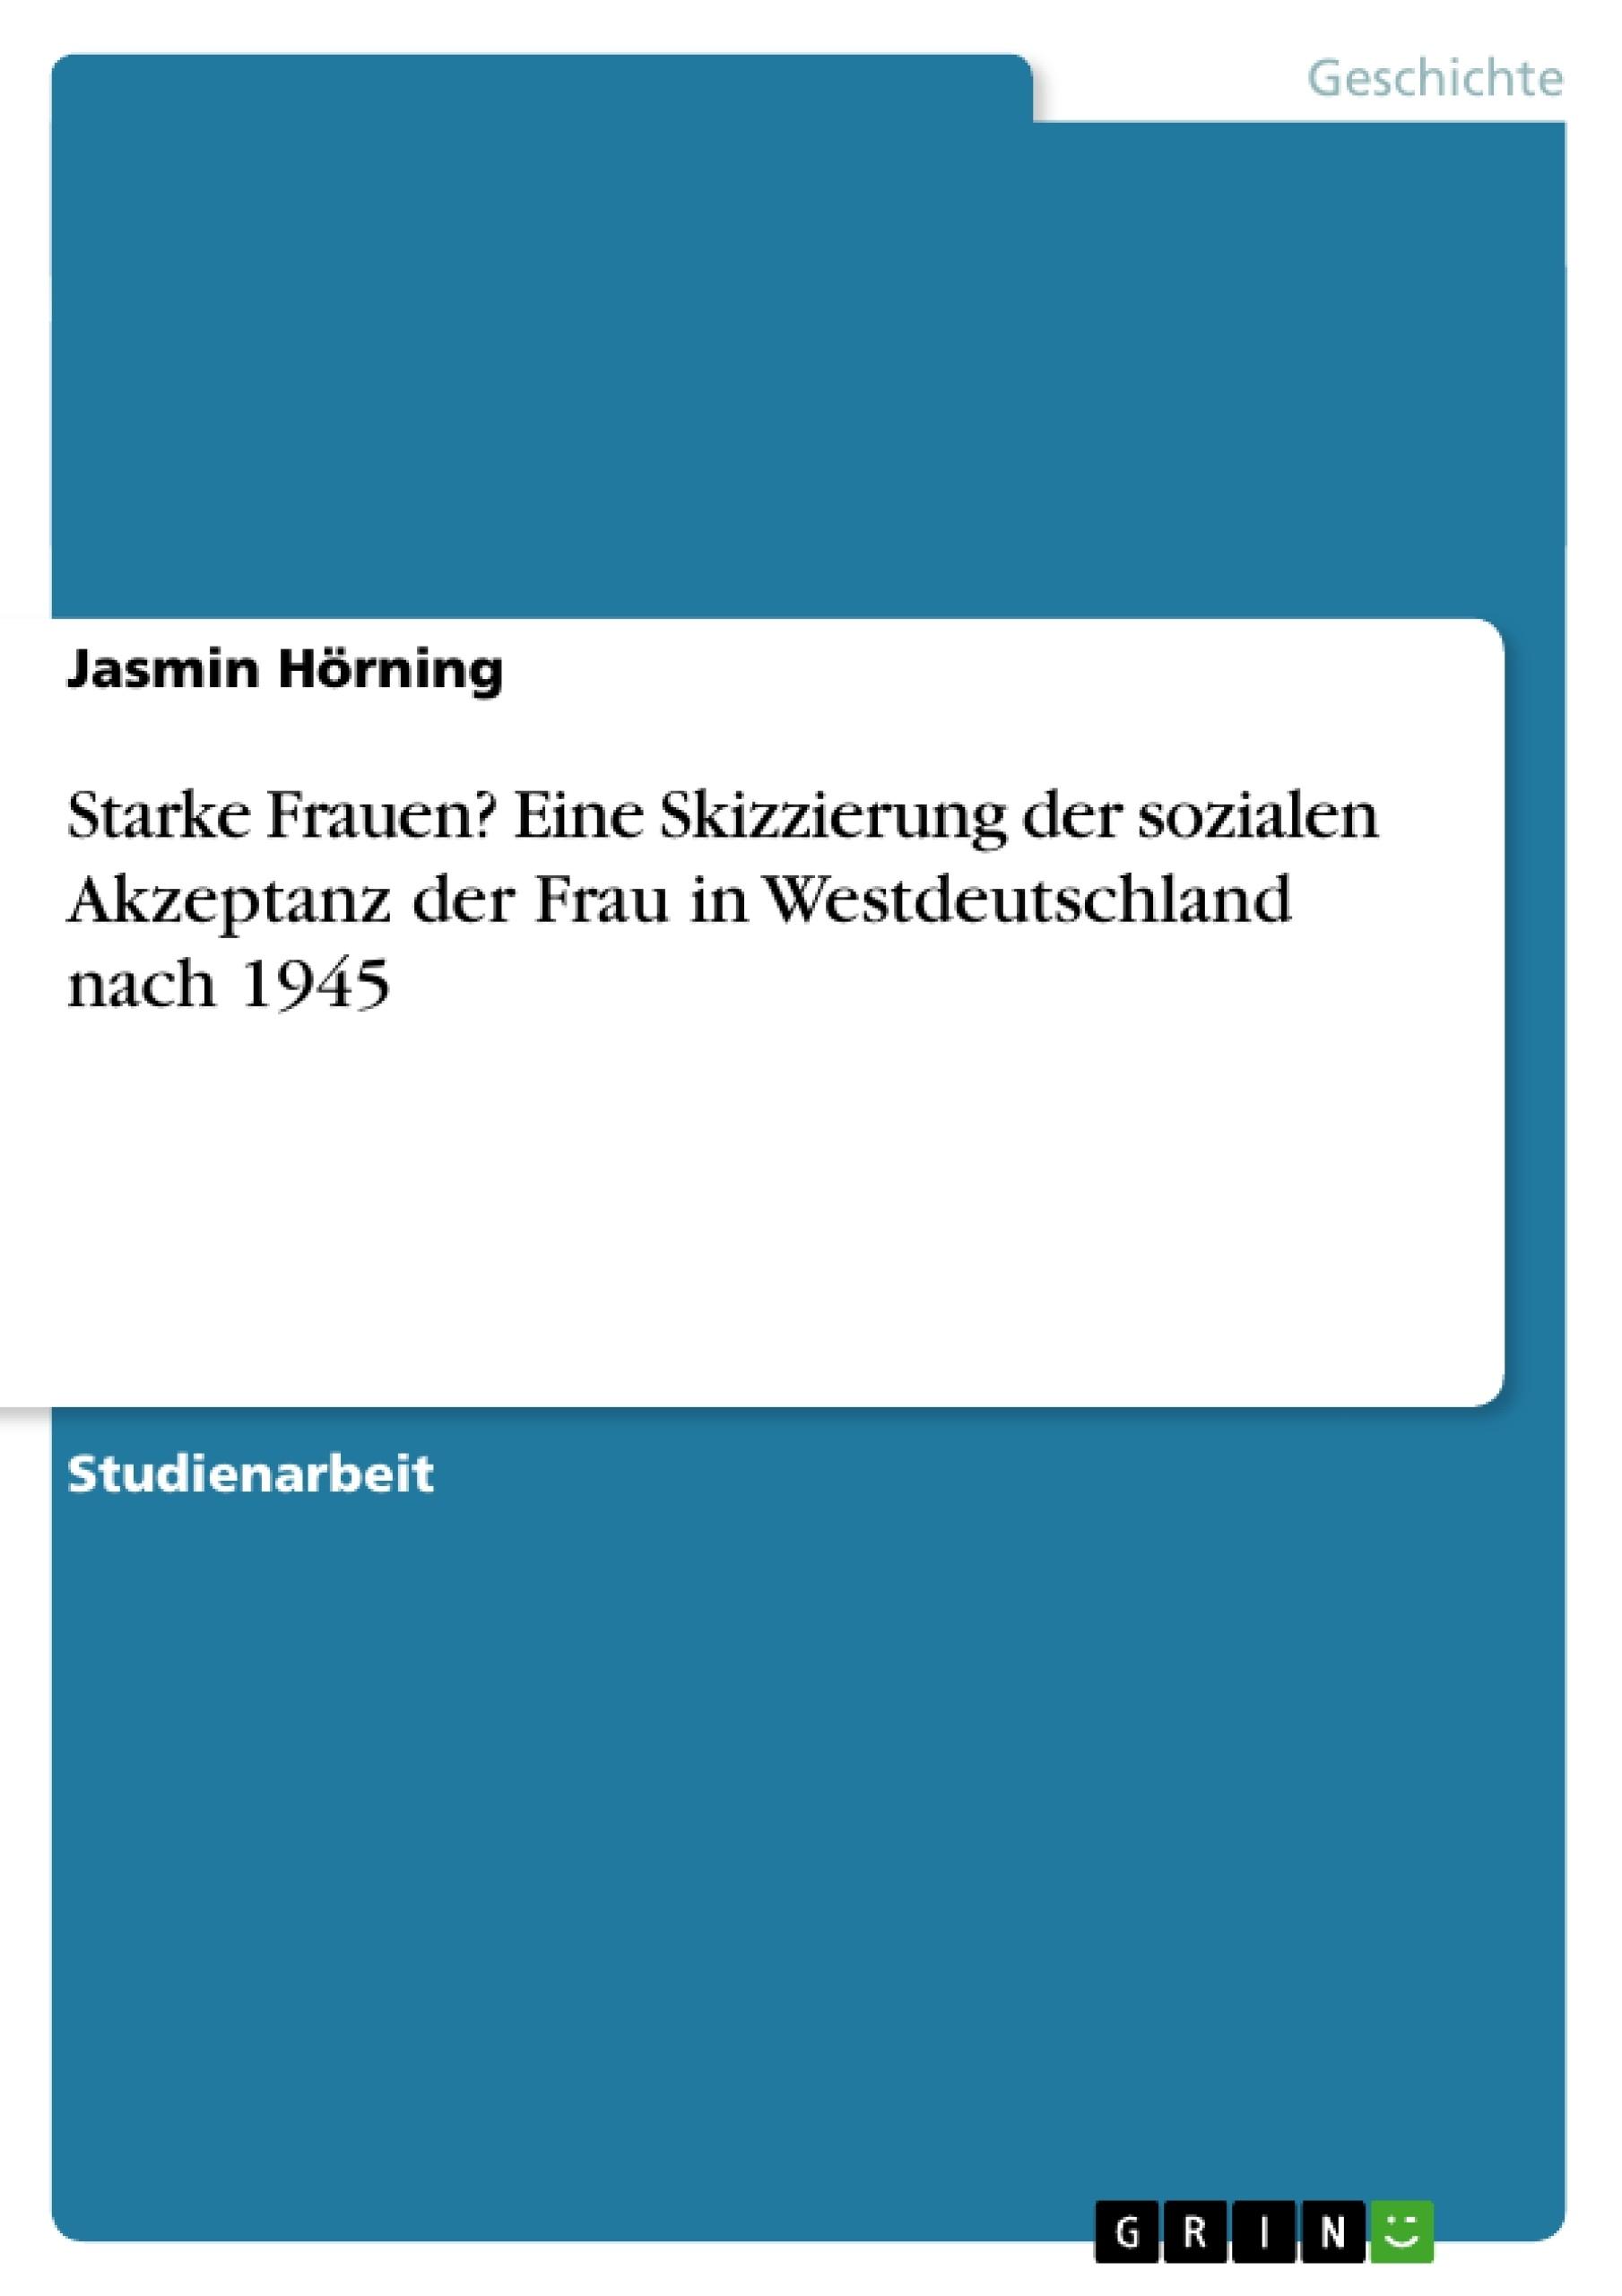 Titel: Starke Frauen? Eine Skizzierung der sozialen Akzeptanz der Frau in Westdeutschland nach 1945